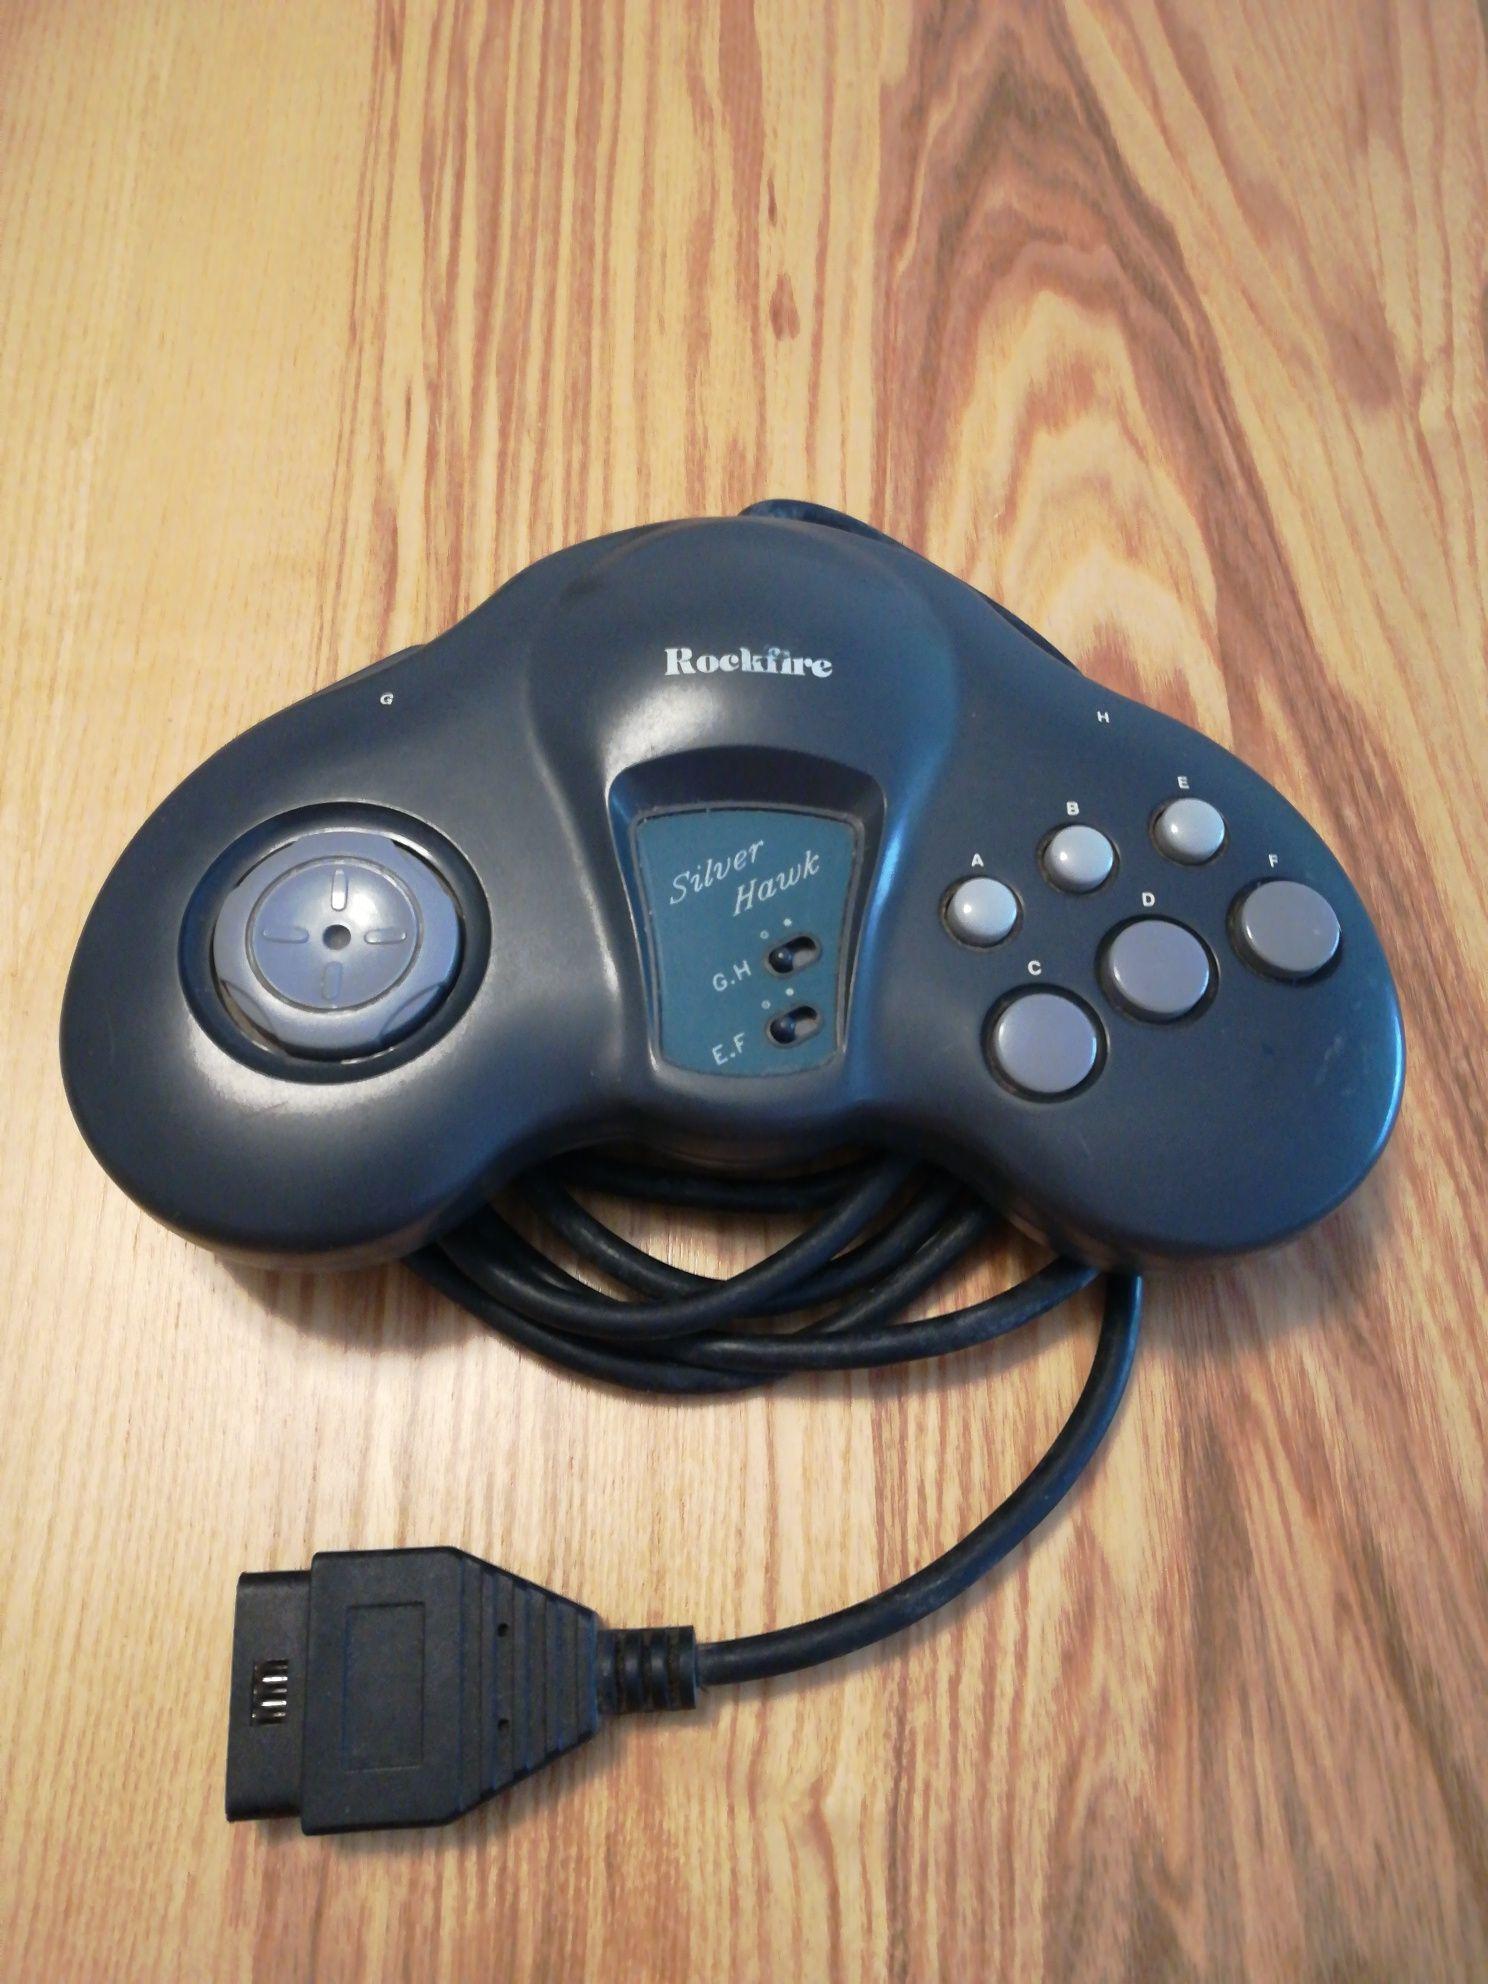 Comando Rockfire Silver Hawk para PC e compatível com várias consolas